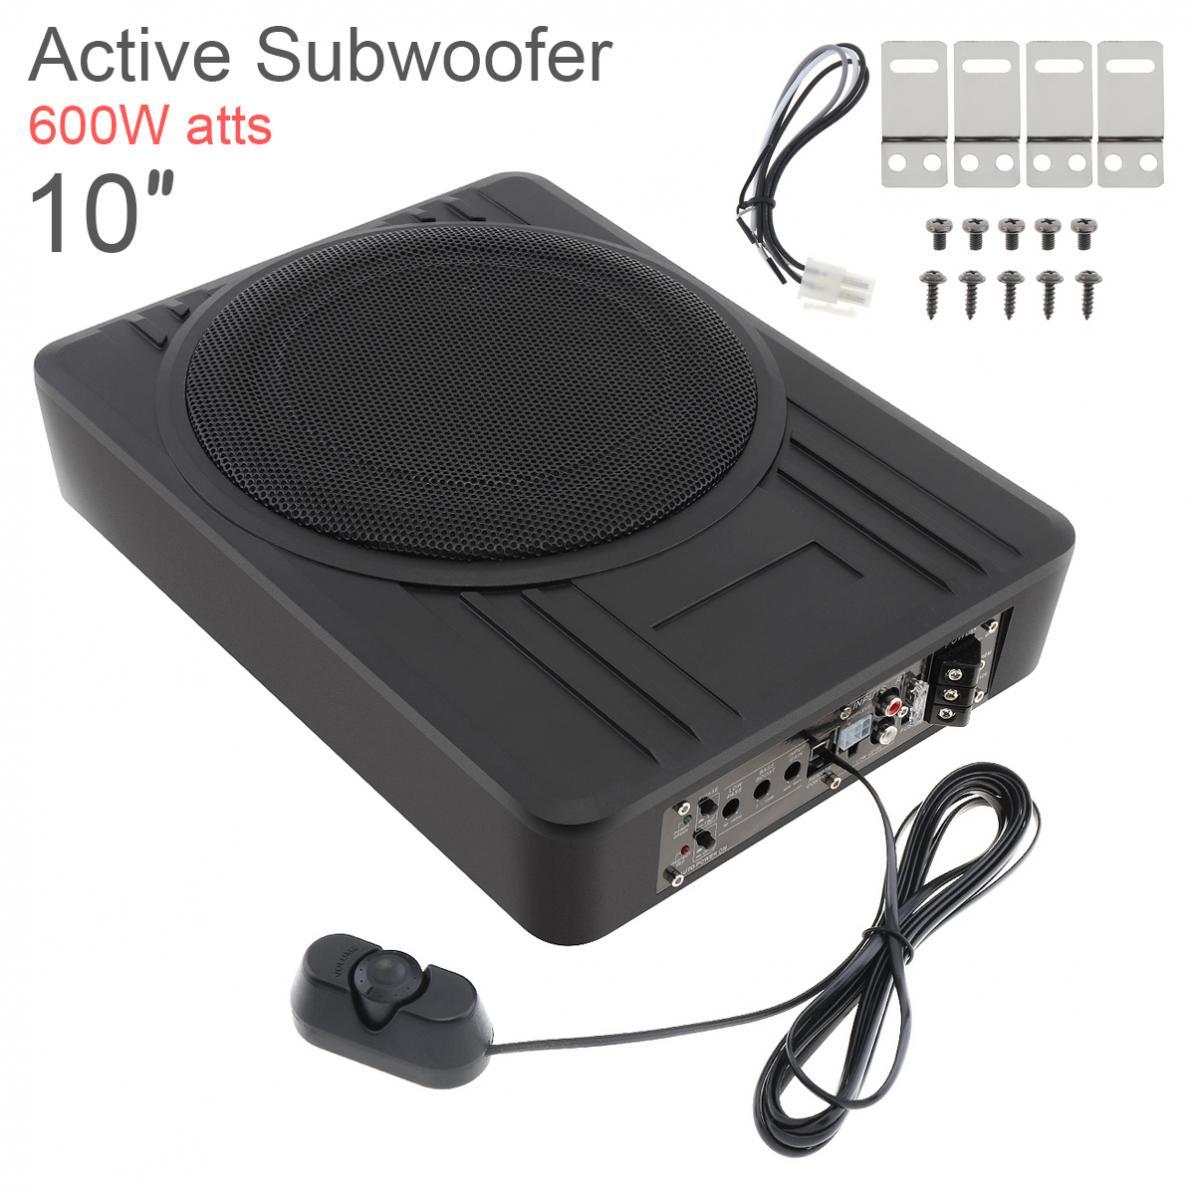 Fuselage noir universel mince 10 pouces 600W mince sous siège voiture Subwoofer actif amplificateur de basse haut-parleur nouveau